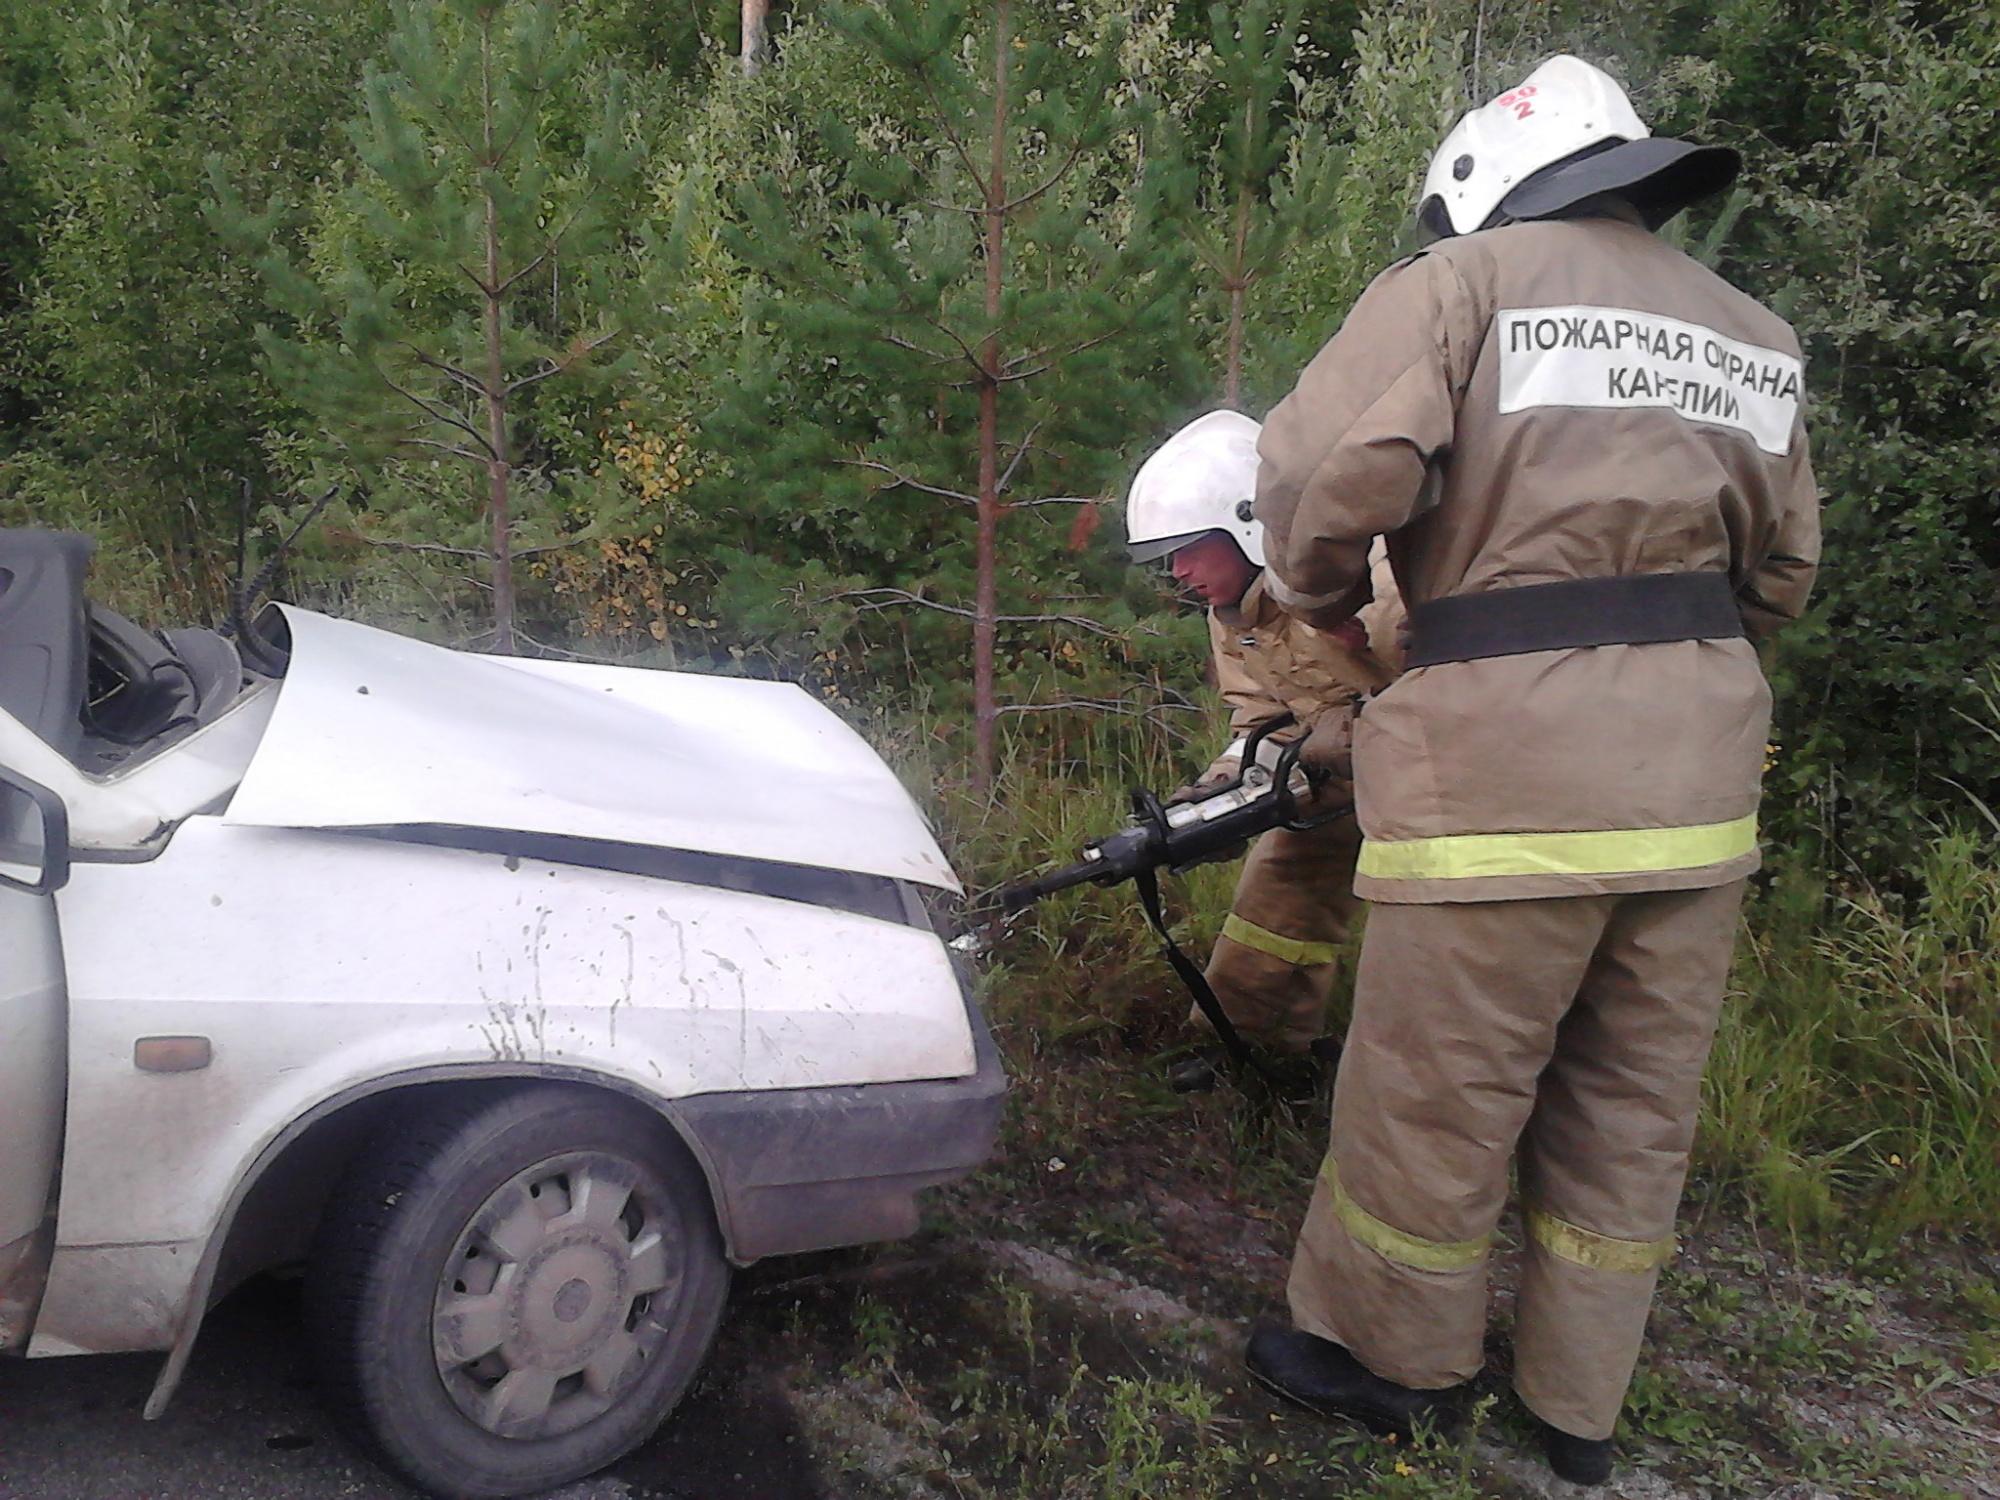 Пожарно-спасательное подразделение привлекалось для ликвидации ДТП в Муезерском районе.